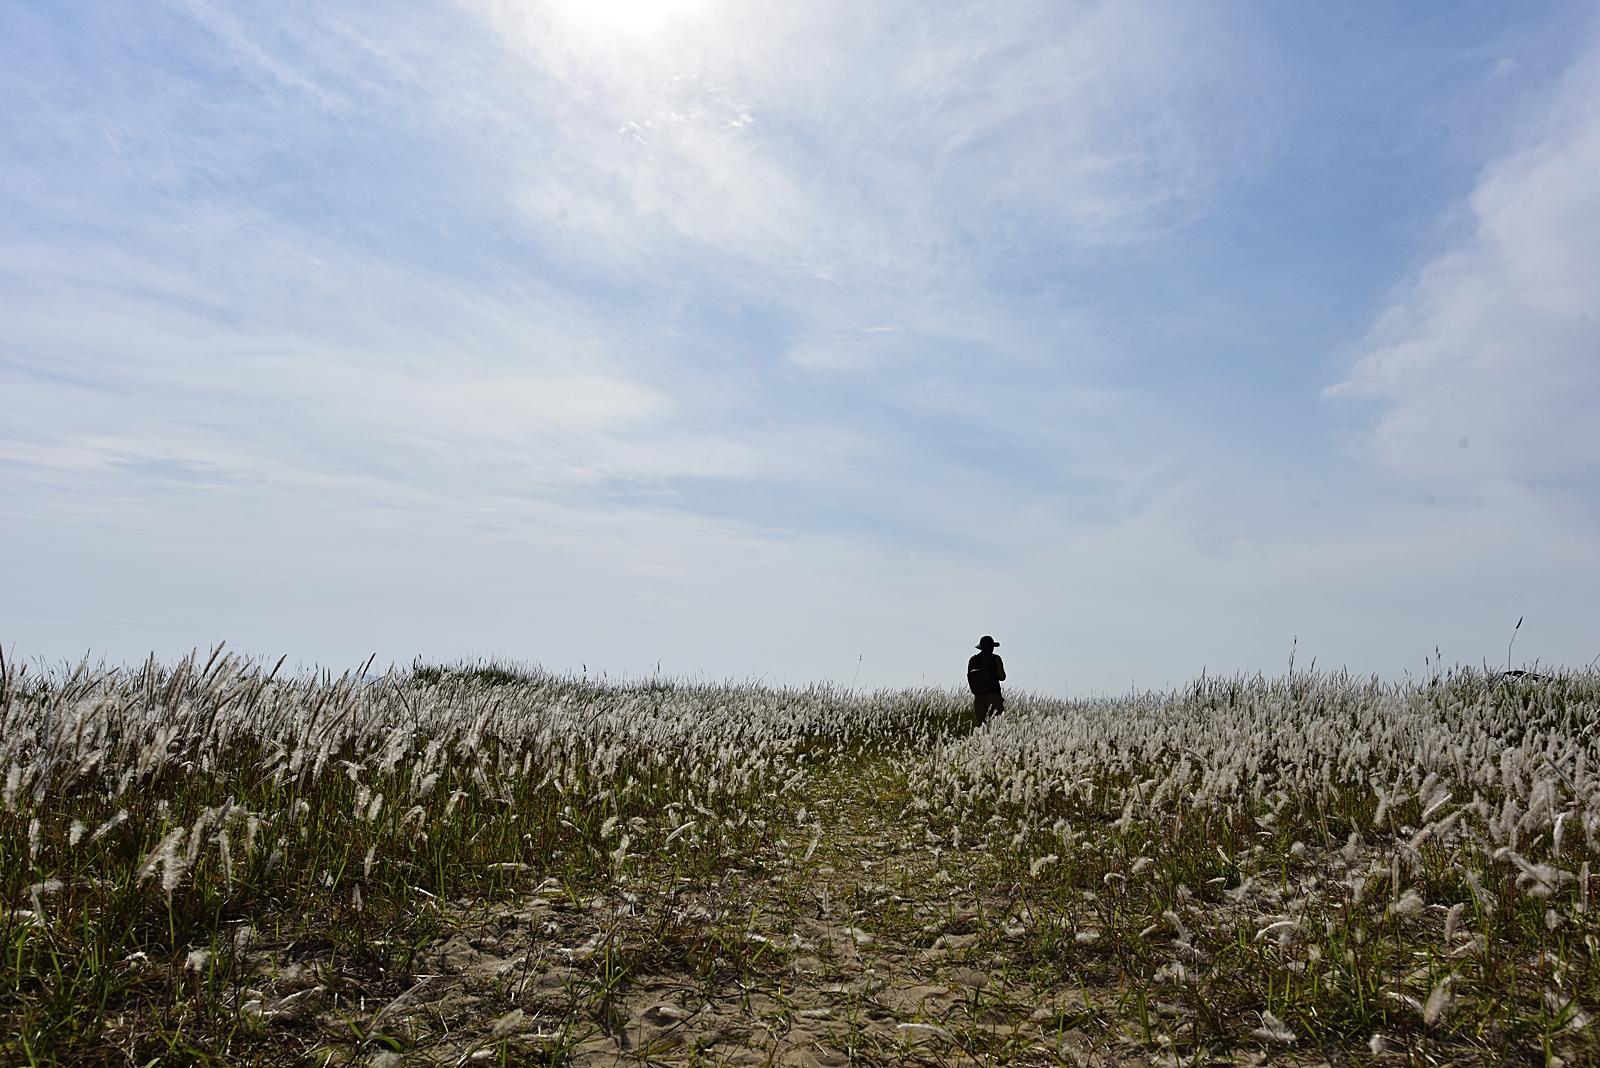 띠가 있는 풍경.JPG